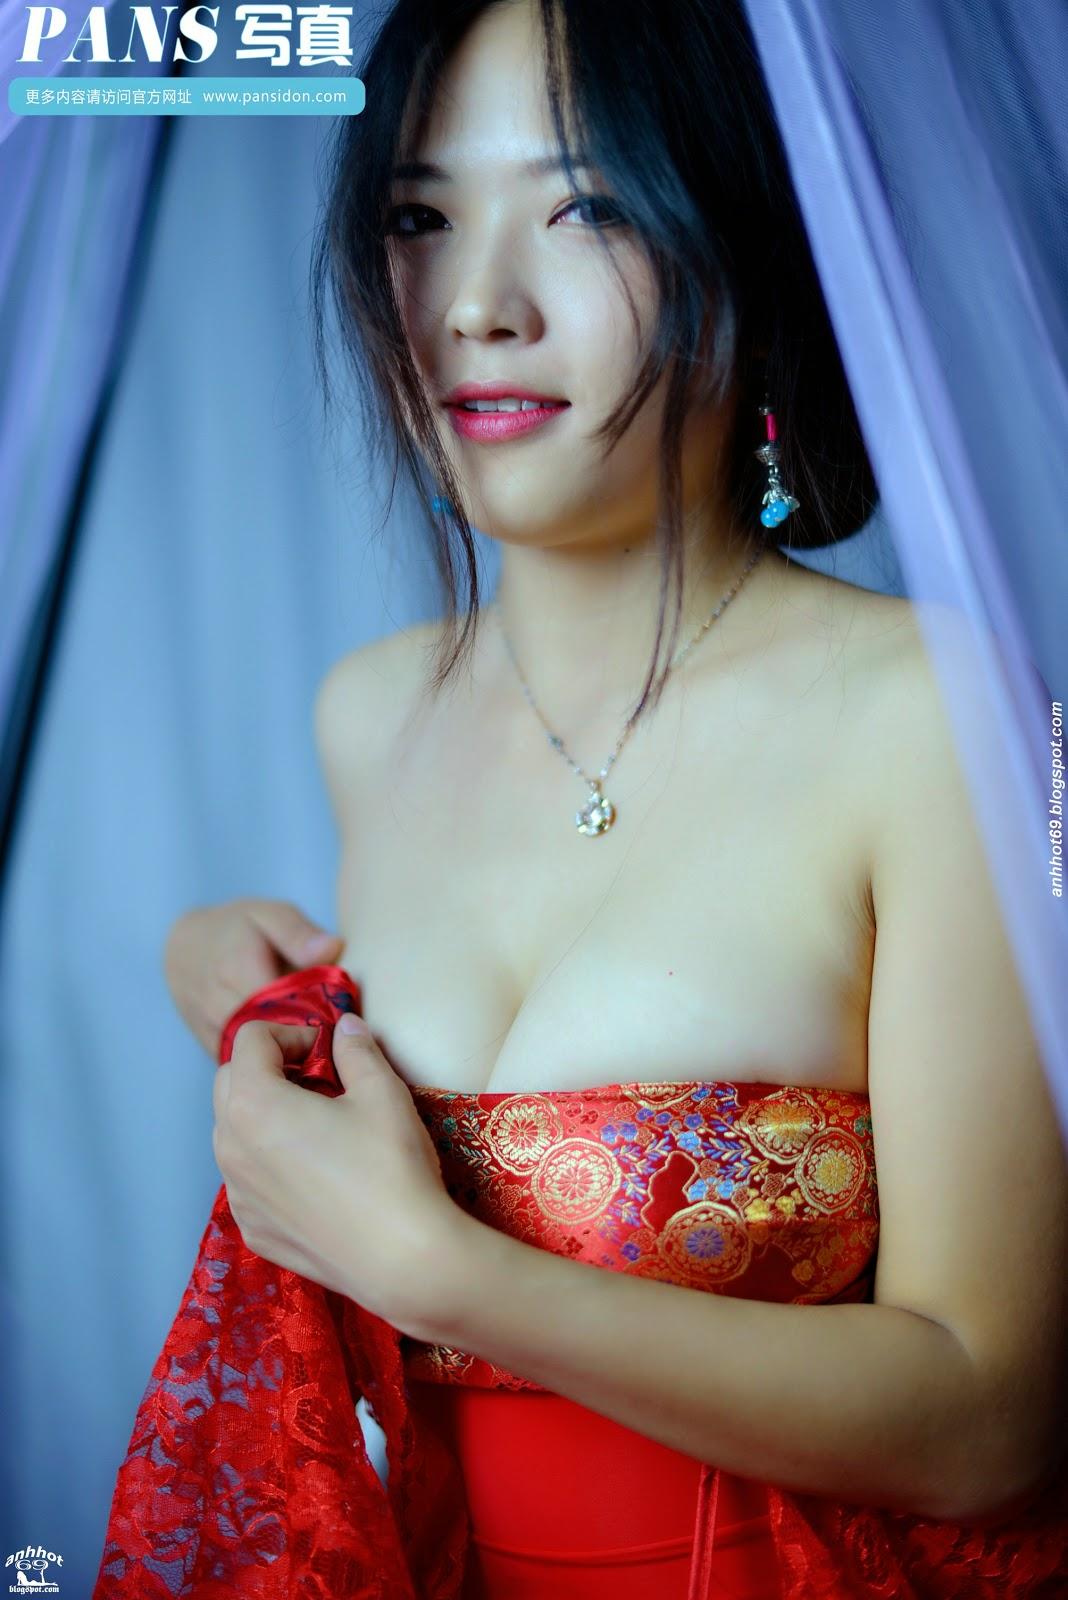 yuhan-pansidon-02851568